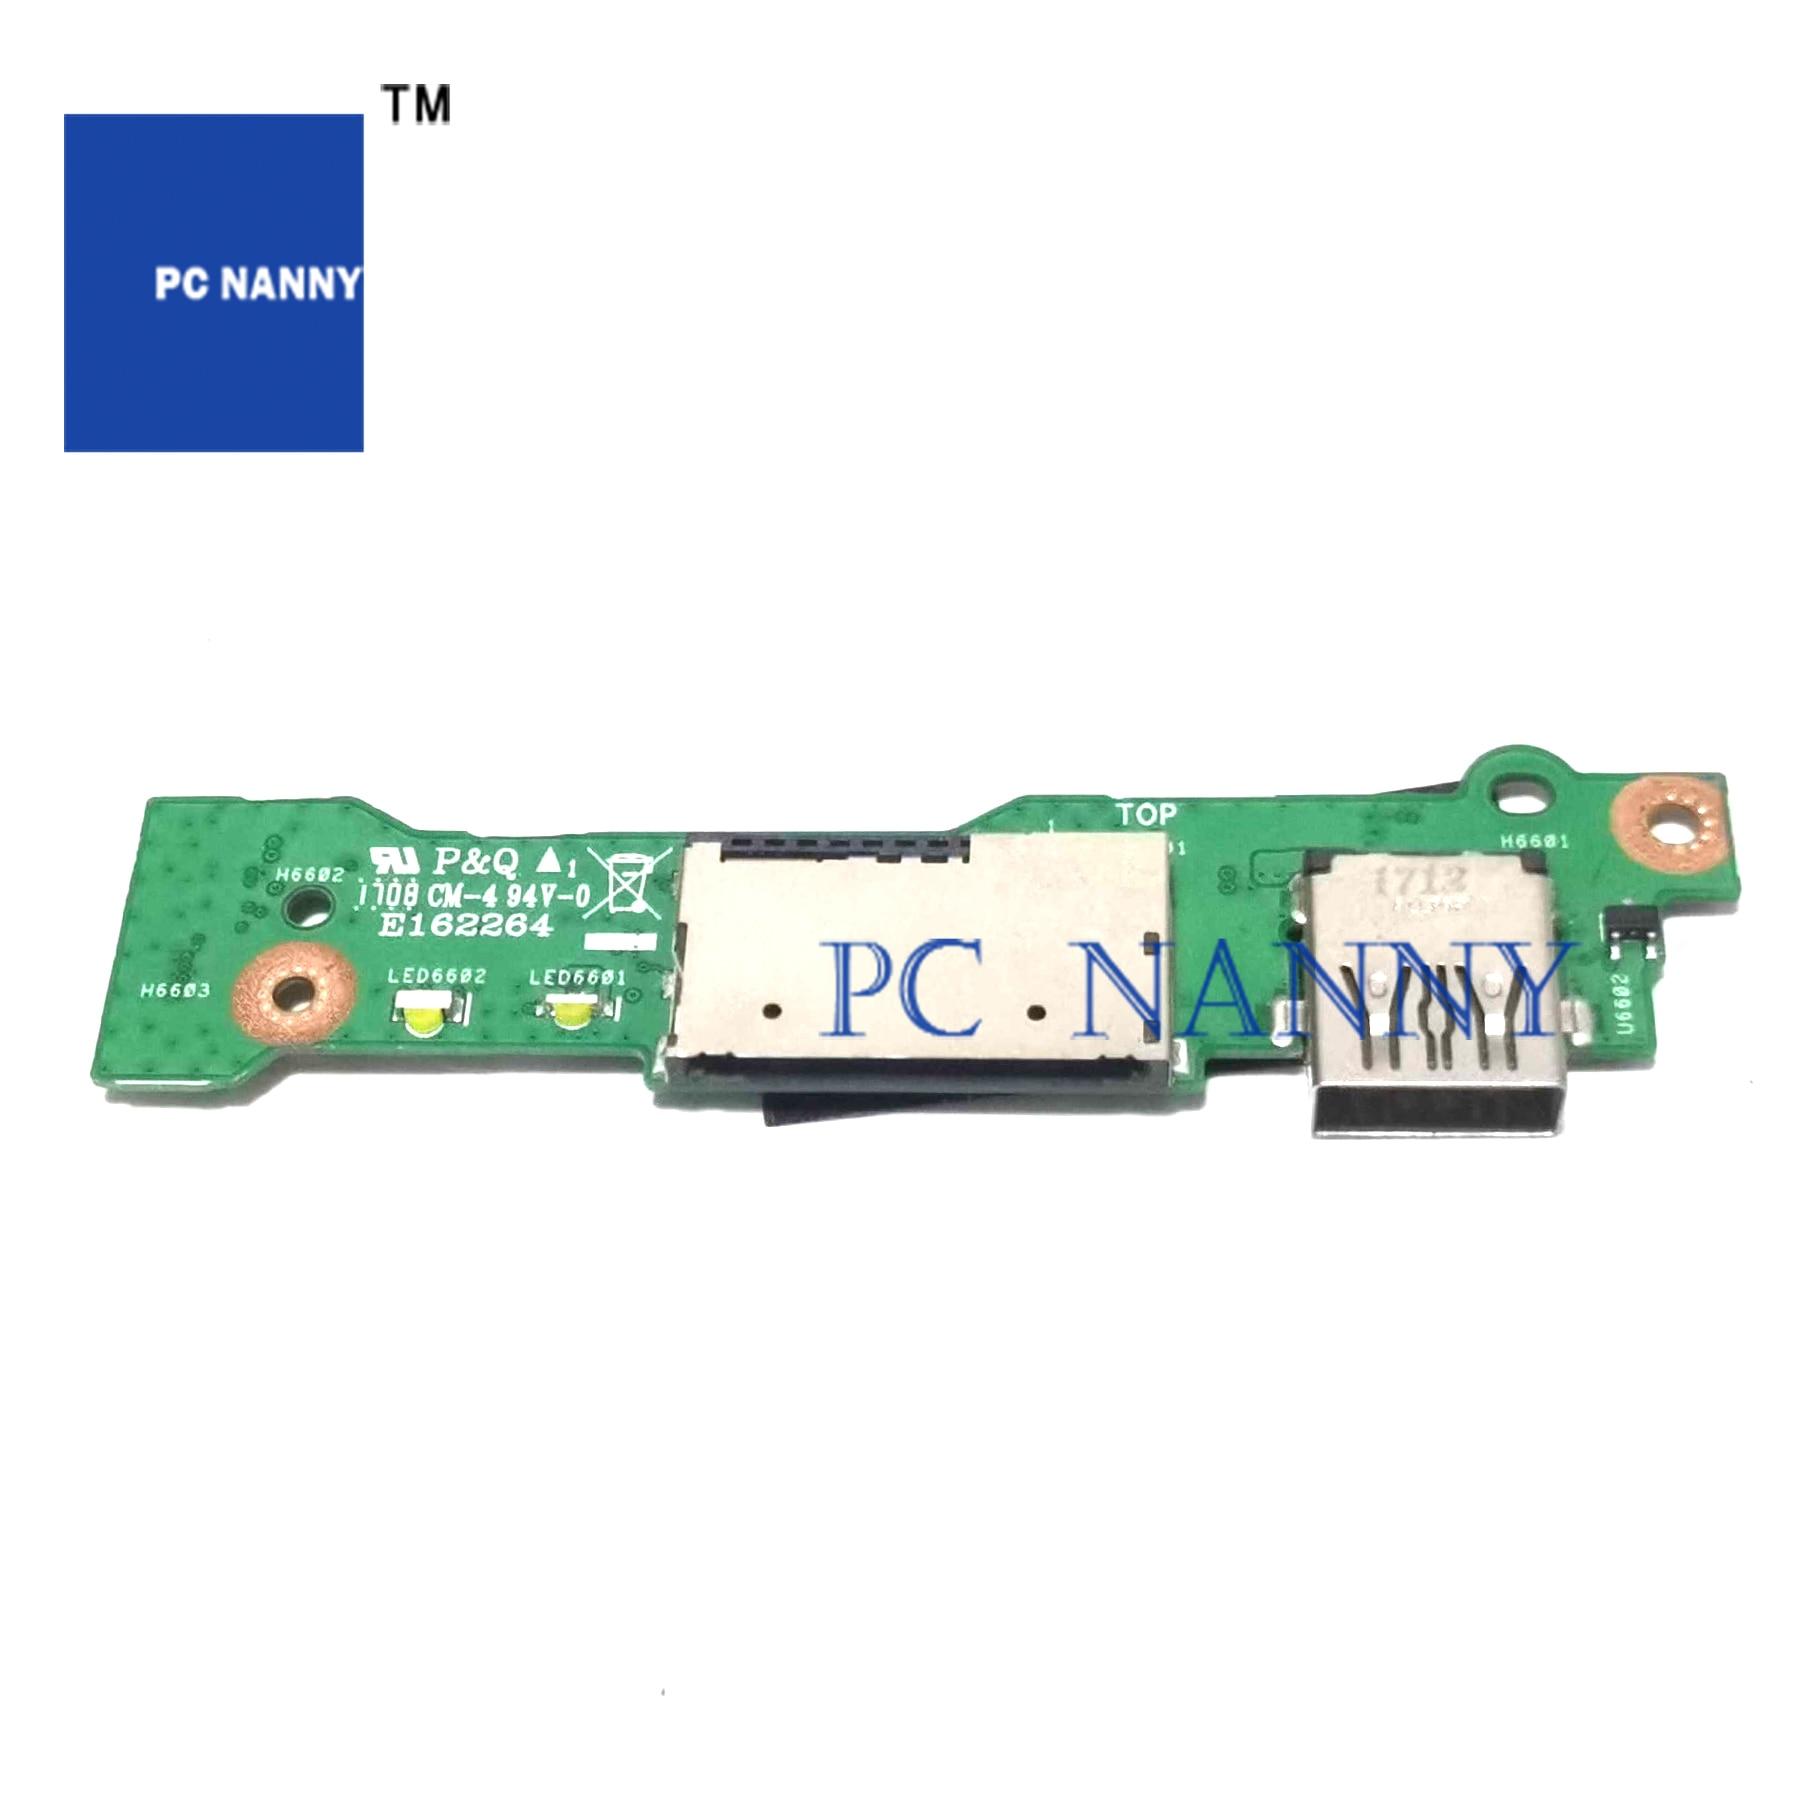 PCNANNY para Asus ZenBooK UX430 UX430UA UX430UQ UX430UN tarjeta sd uSB Placa...